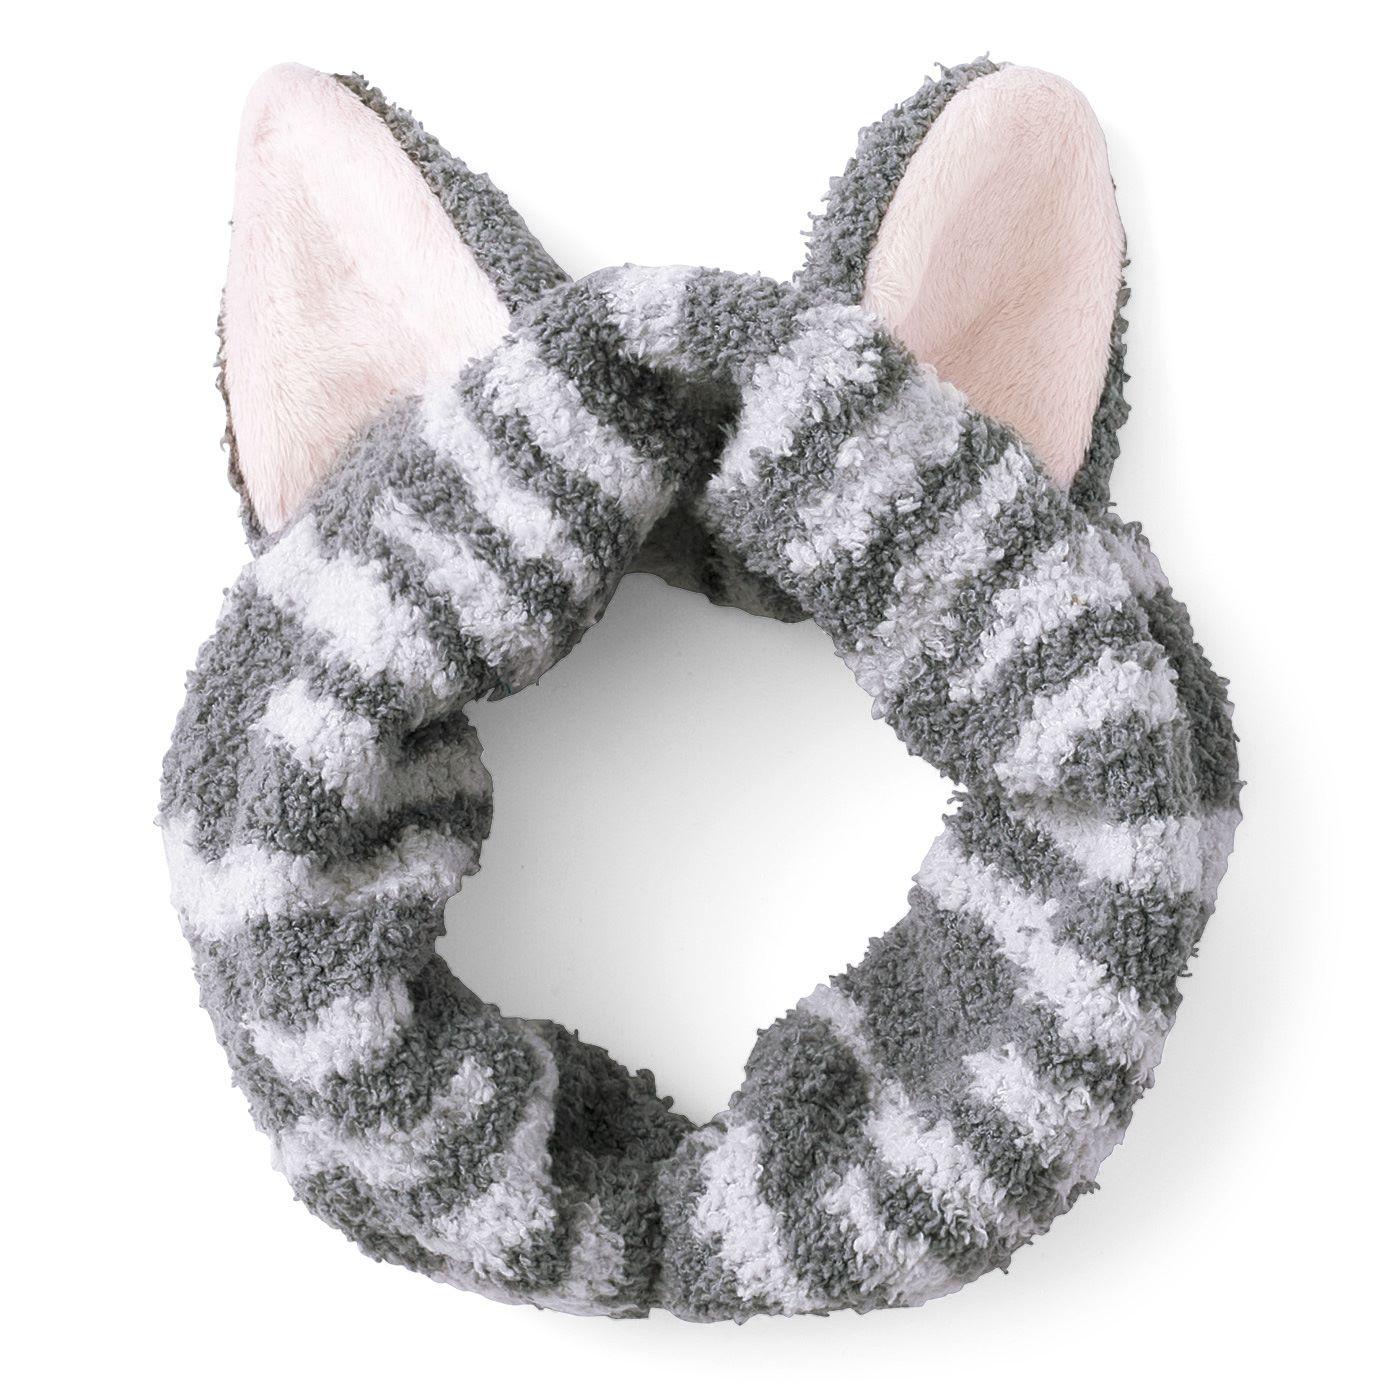 ピンッとリアルな猫耳は手作業のなせるワザ!